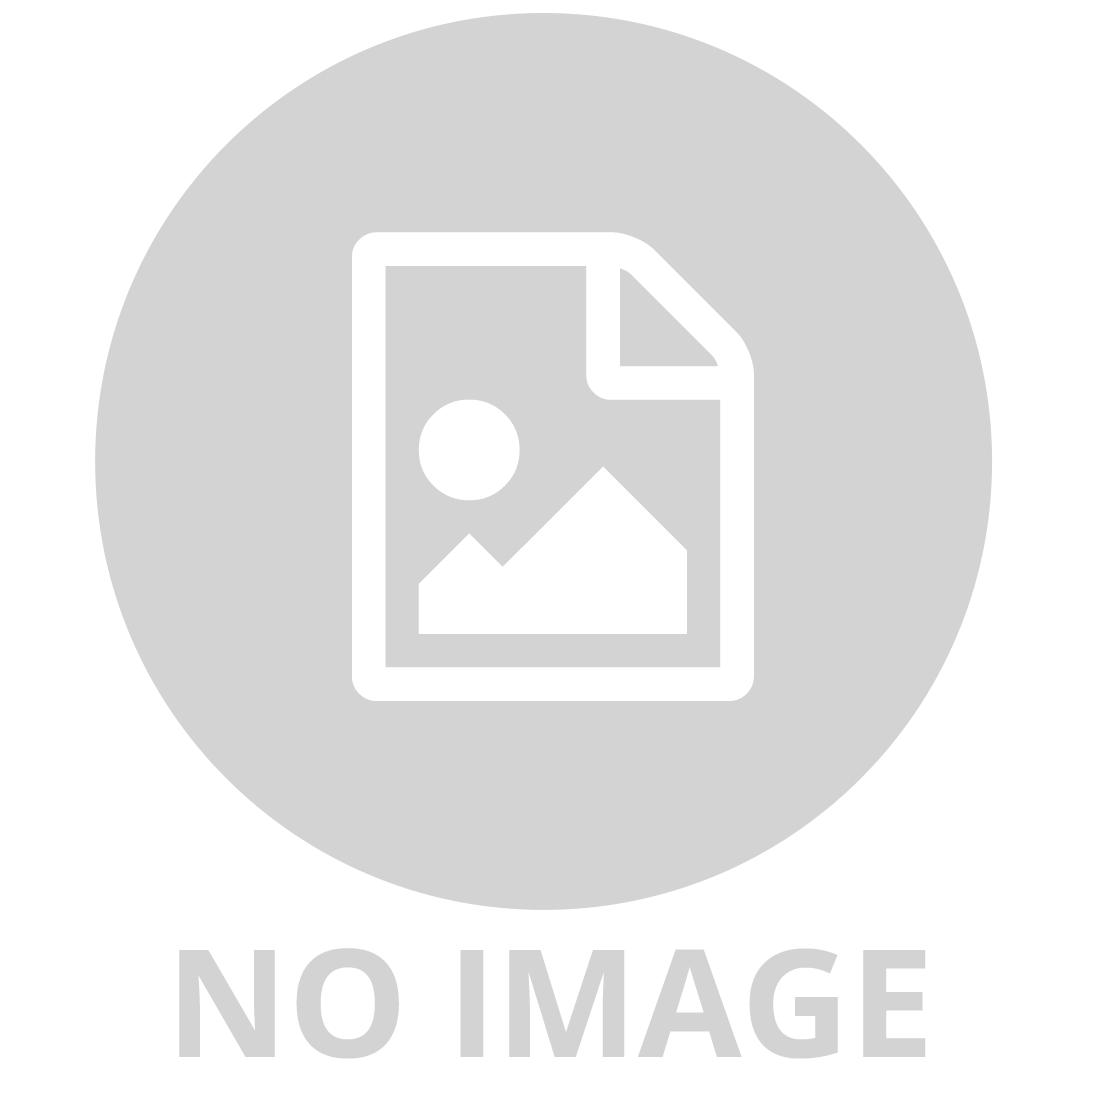 JONOLA CANASTA CARD GAME